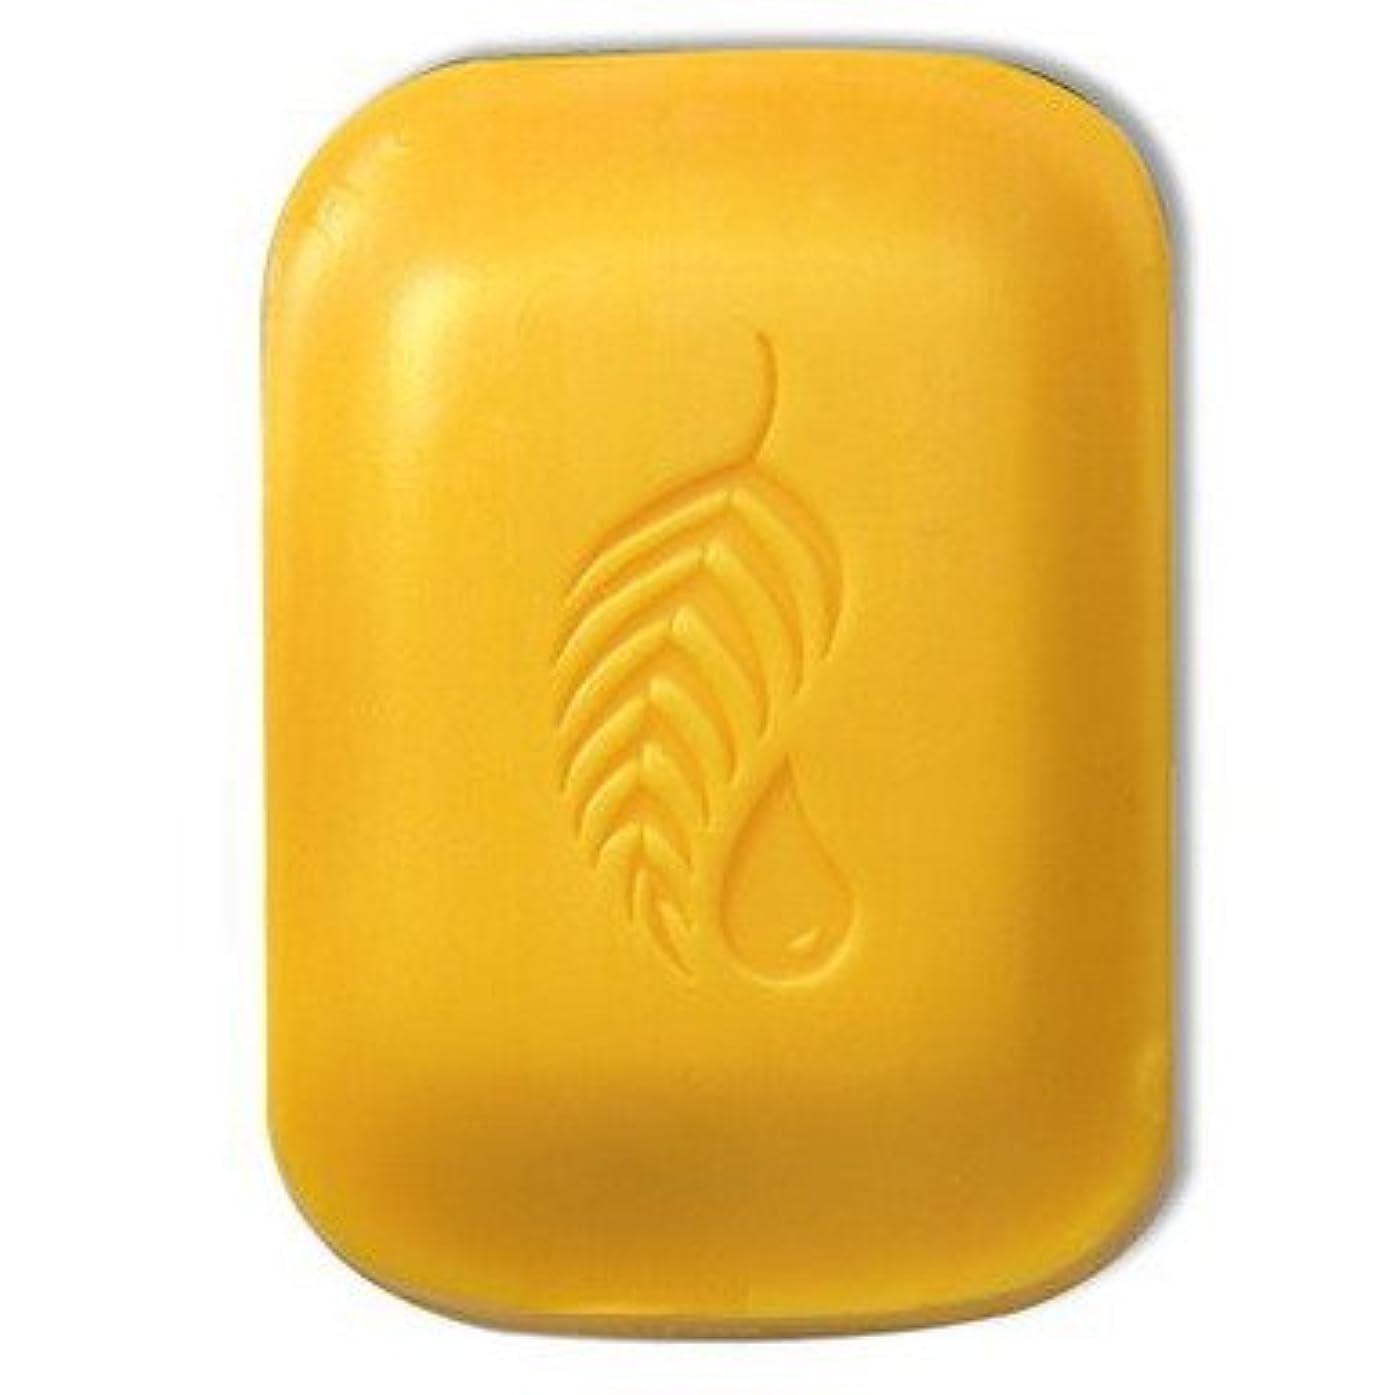 夢文房具防水【Melaleuca(メラルーカ)】ゴールド バー トライアルサイズ42.5g [並行輸入品]